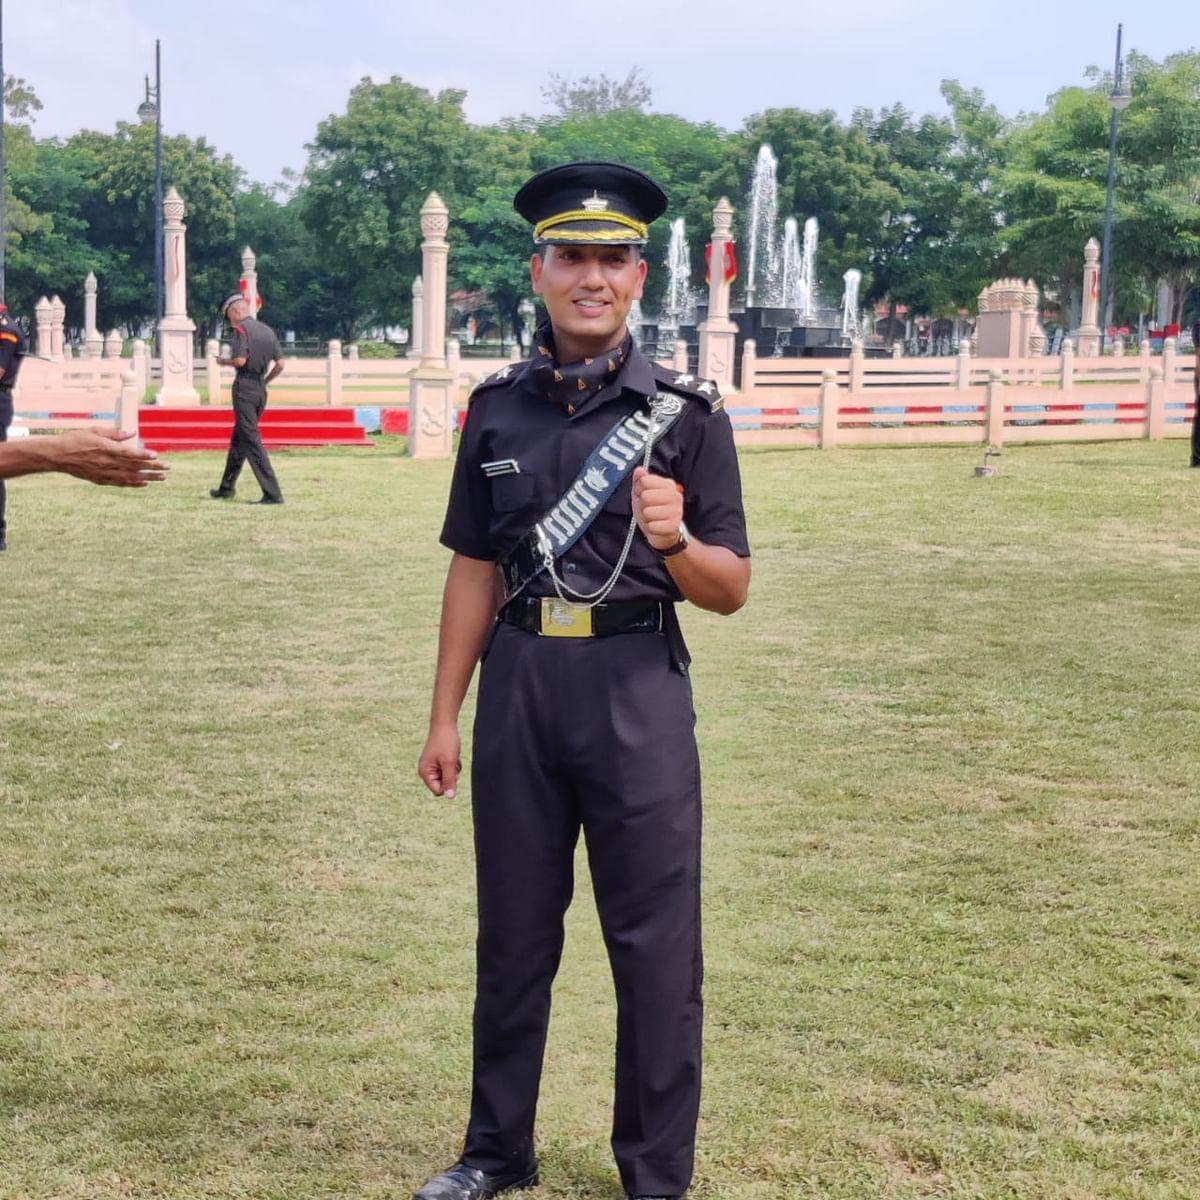 गाजियाबाद के शुभम श्रीवास्तव भारतीय सेना में बने लेफ्टिनेंट, करेंगे देश की सेवा